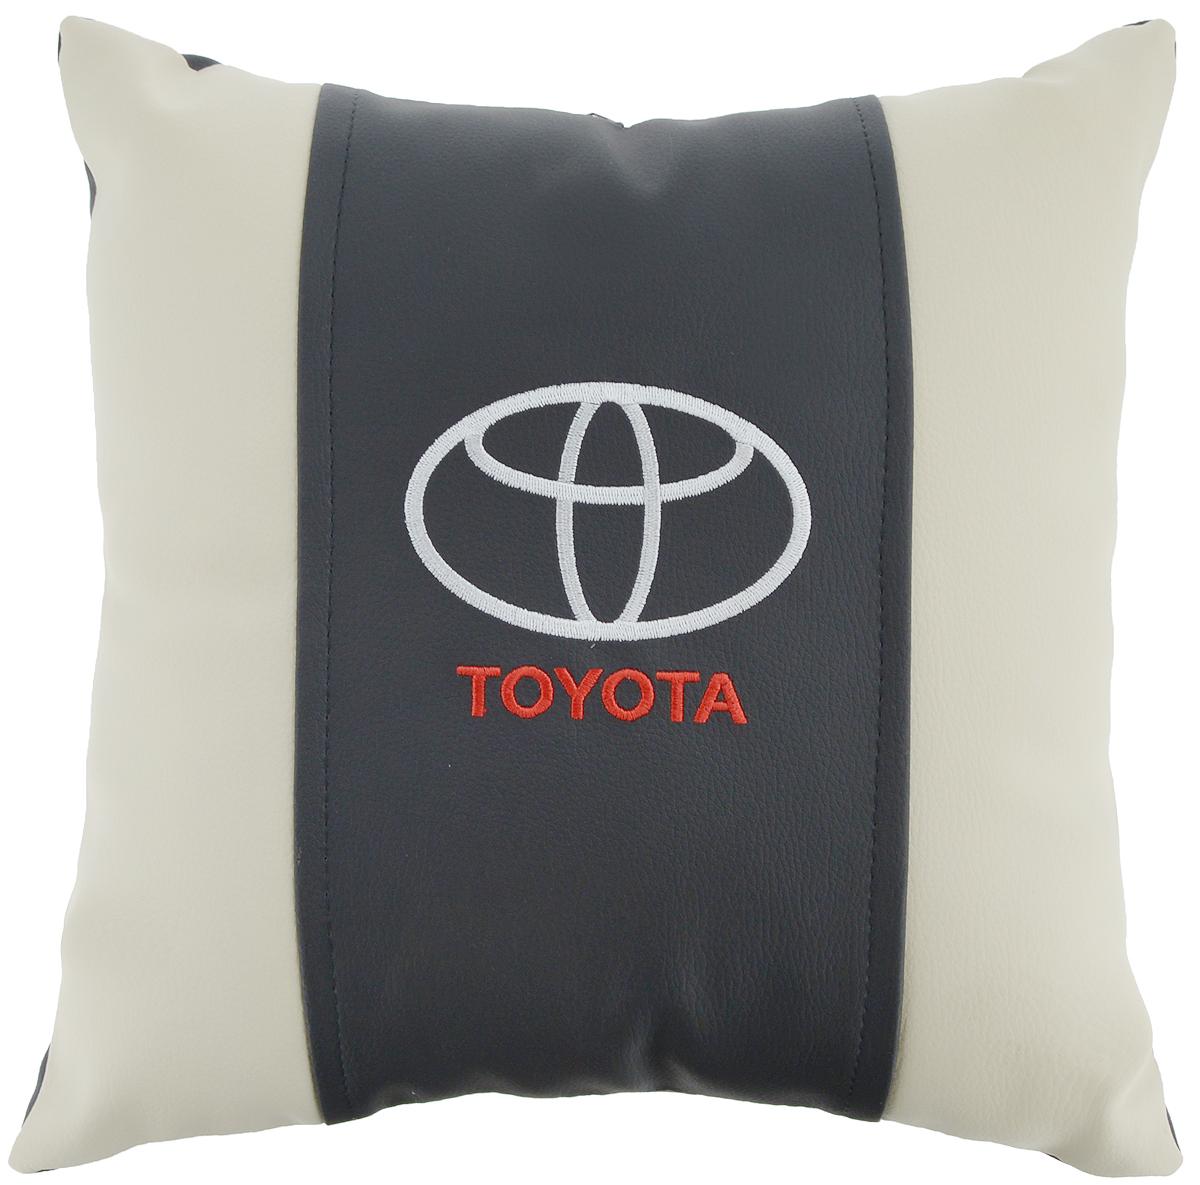 Подушка на сиденье Autoparts Toyota, 30 х 30 смМ052Подушка на сиденье Autoparts Toyota создана для тех, кто весь свой день вынужден проводить за рулем. Чехол выполнен из высококачественной дышащей экокожи. Наполнителем служит холлофайбер. На задней части подушки имеется змейка.Особенности подушки:- Хорошо проветривается.- Предупреждает потение.- Поддерживает комфортную температуру.- Обминается по форме тела.- Улучшает кровообращение.- Исключает затечные явления.- Предупреждает развитие заболеваний, связанных с сидячим образом жизни. Подушка также будет полезна и дома - при работе за компьютером, школьникам - при выполнении домашних работ, да и в любимом кресле перед телевизором.